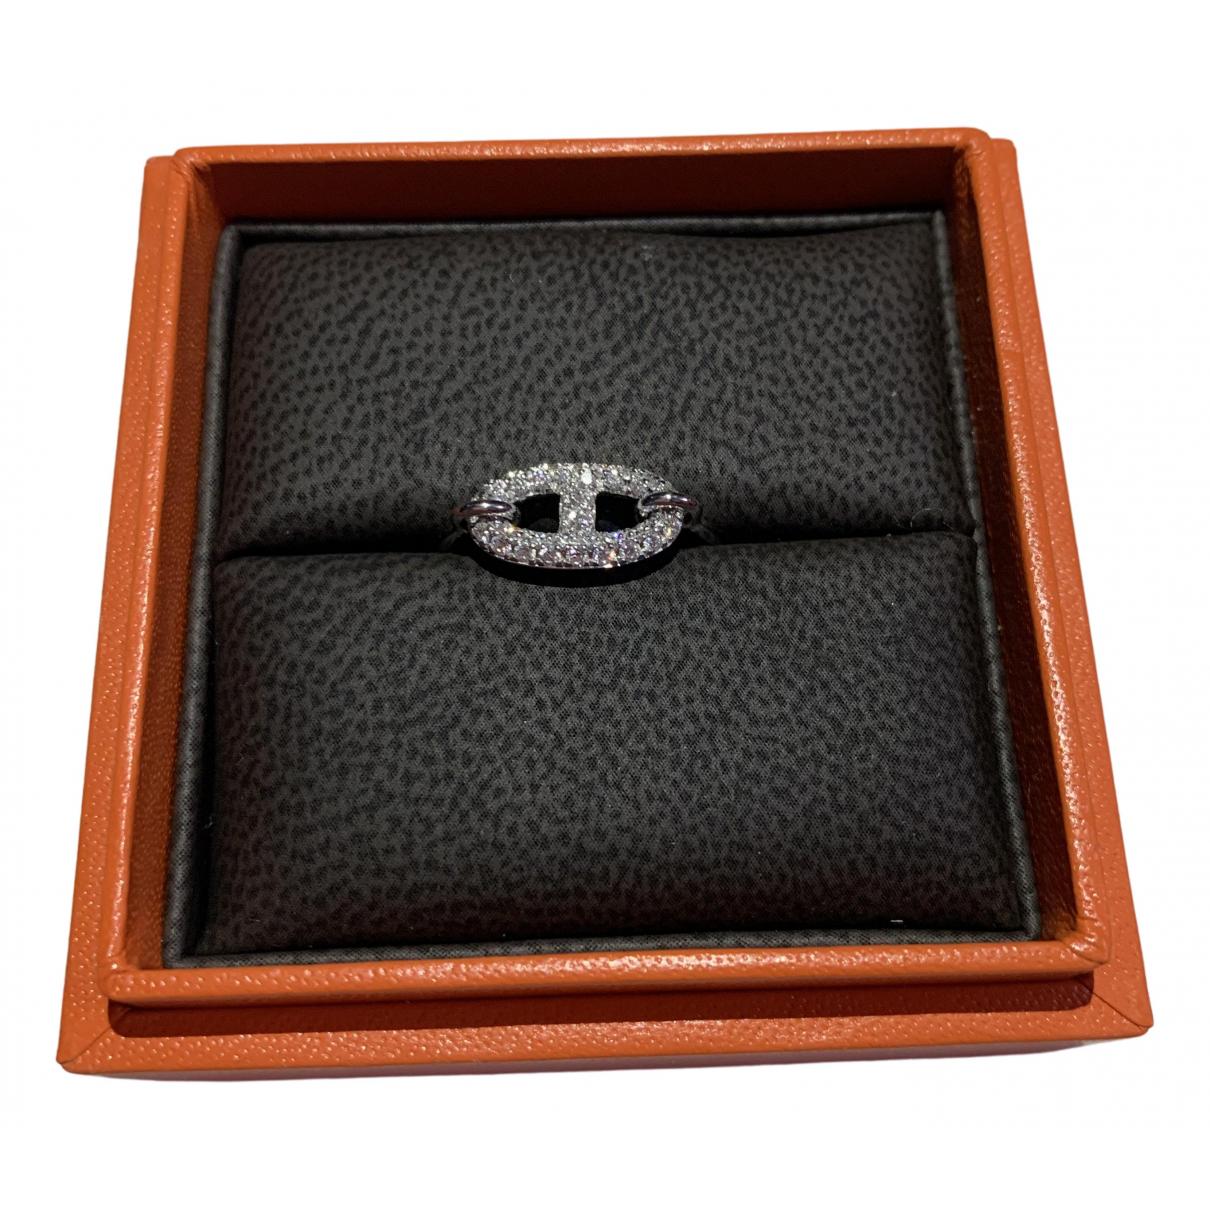 Hermes - Bague Chaine dAncre pour femme en or blanc - argente